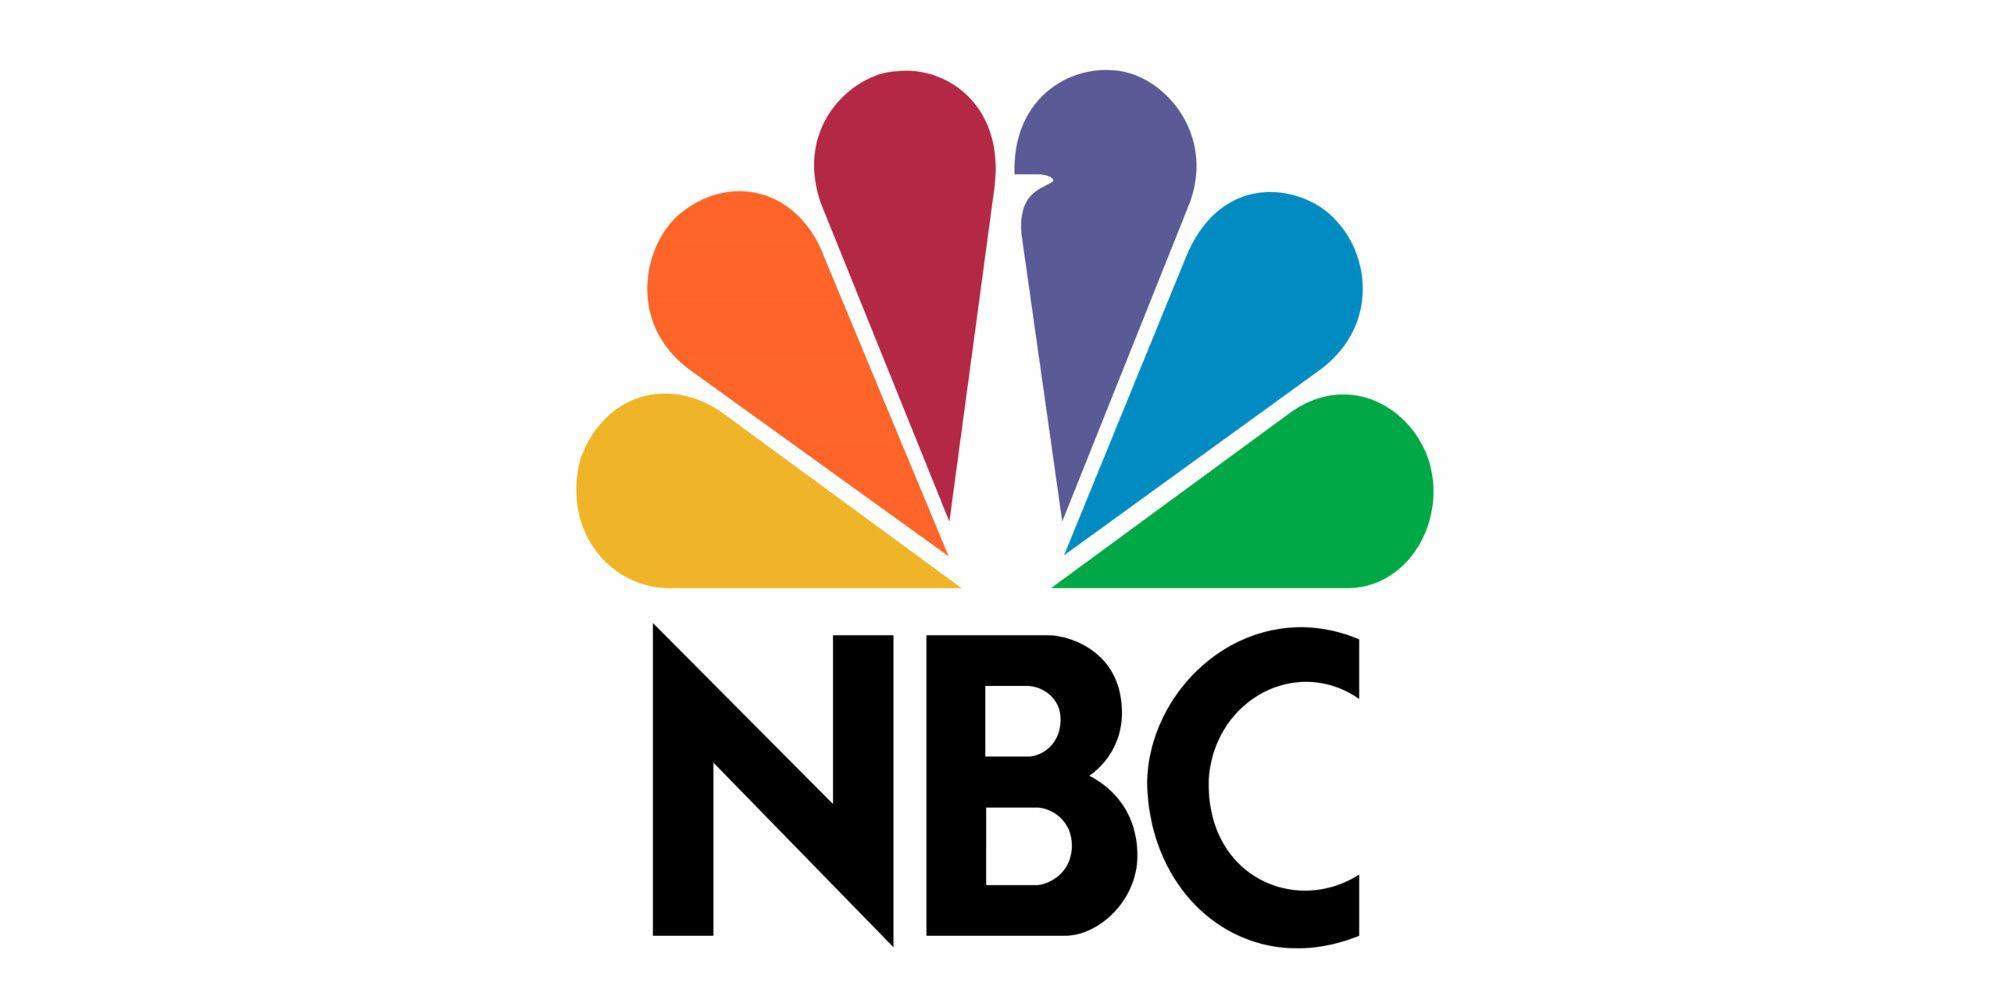 NBC Announces Peacock Streaming Service Name | CBR